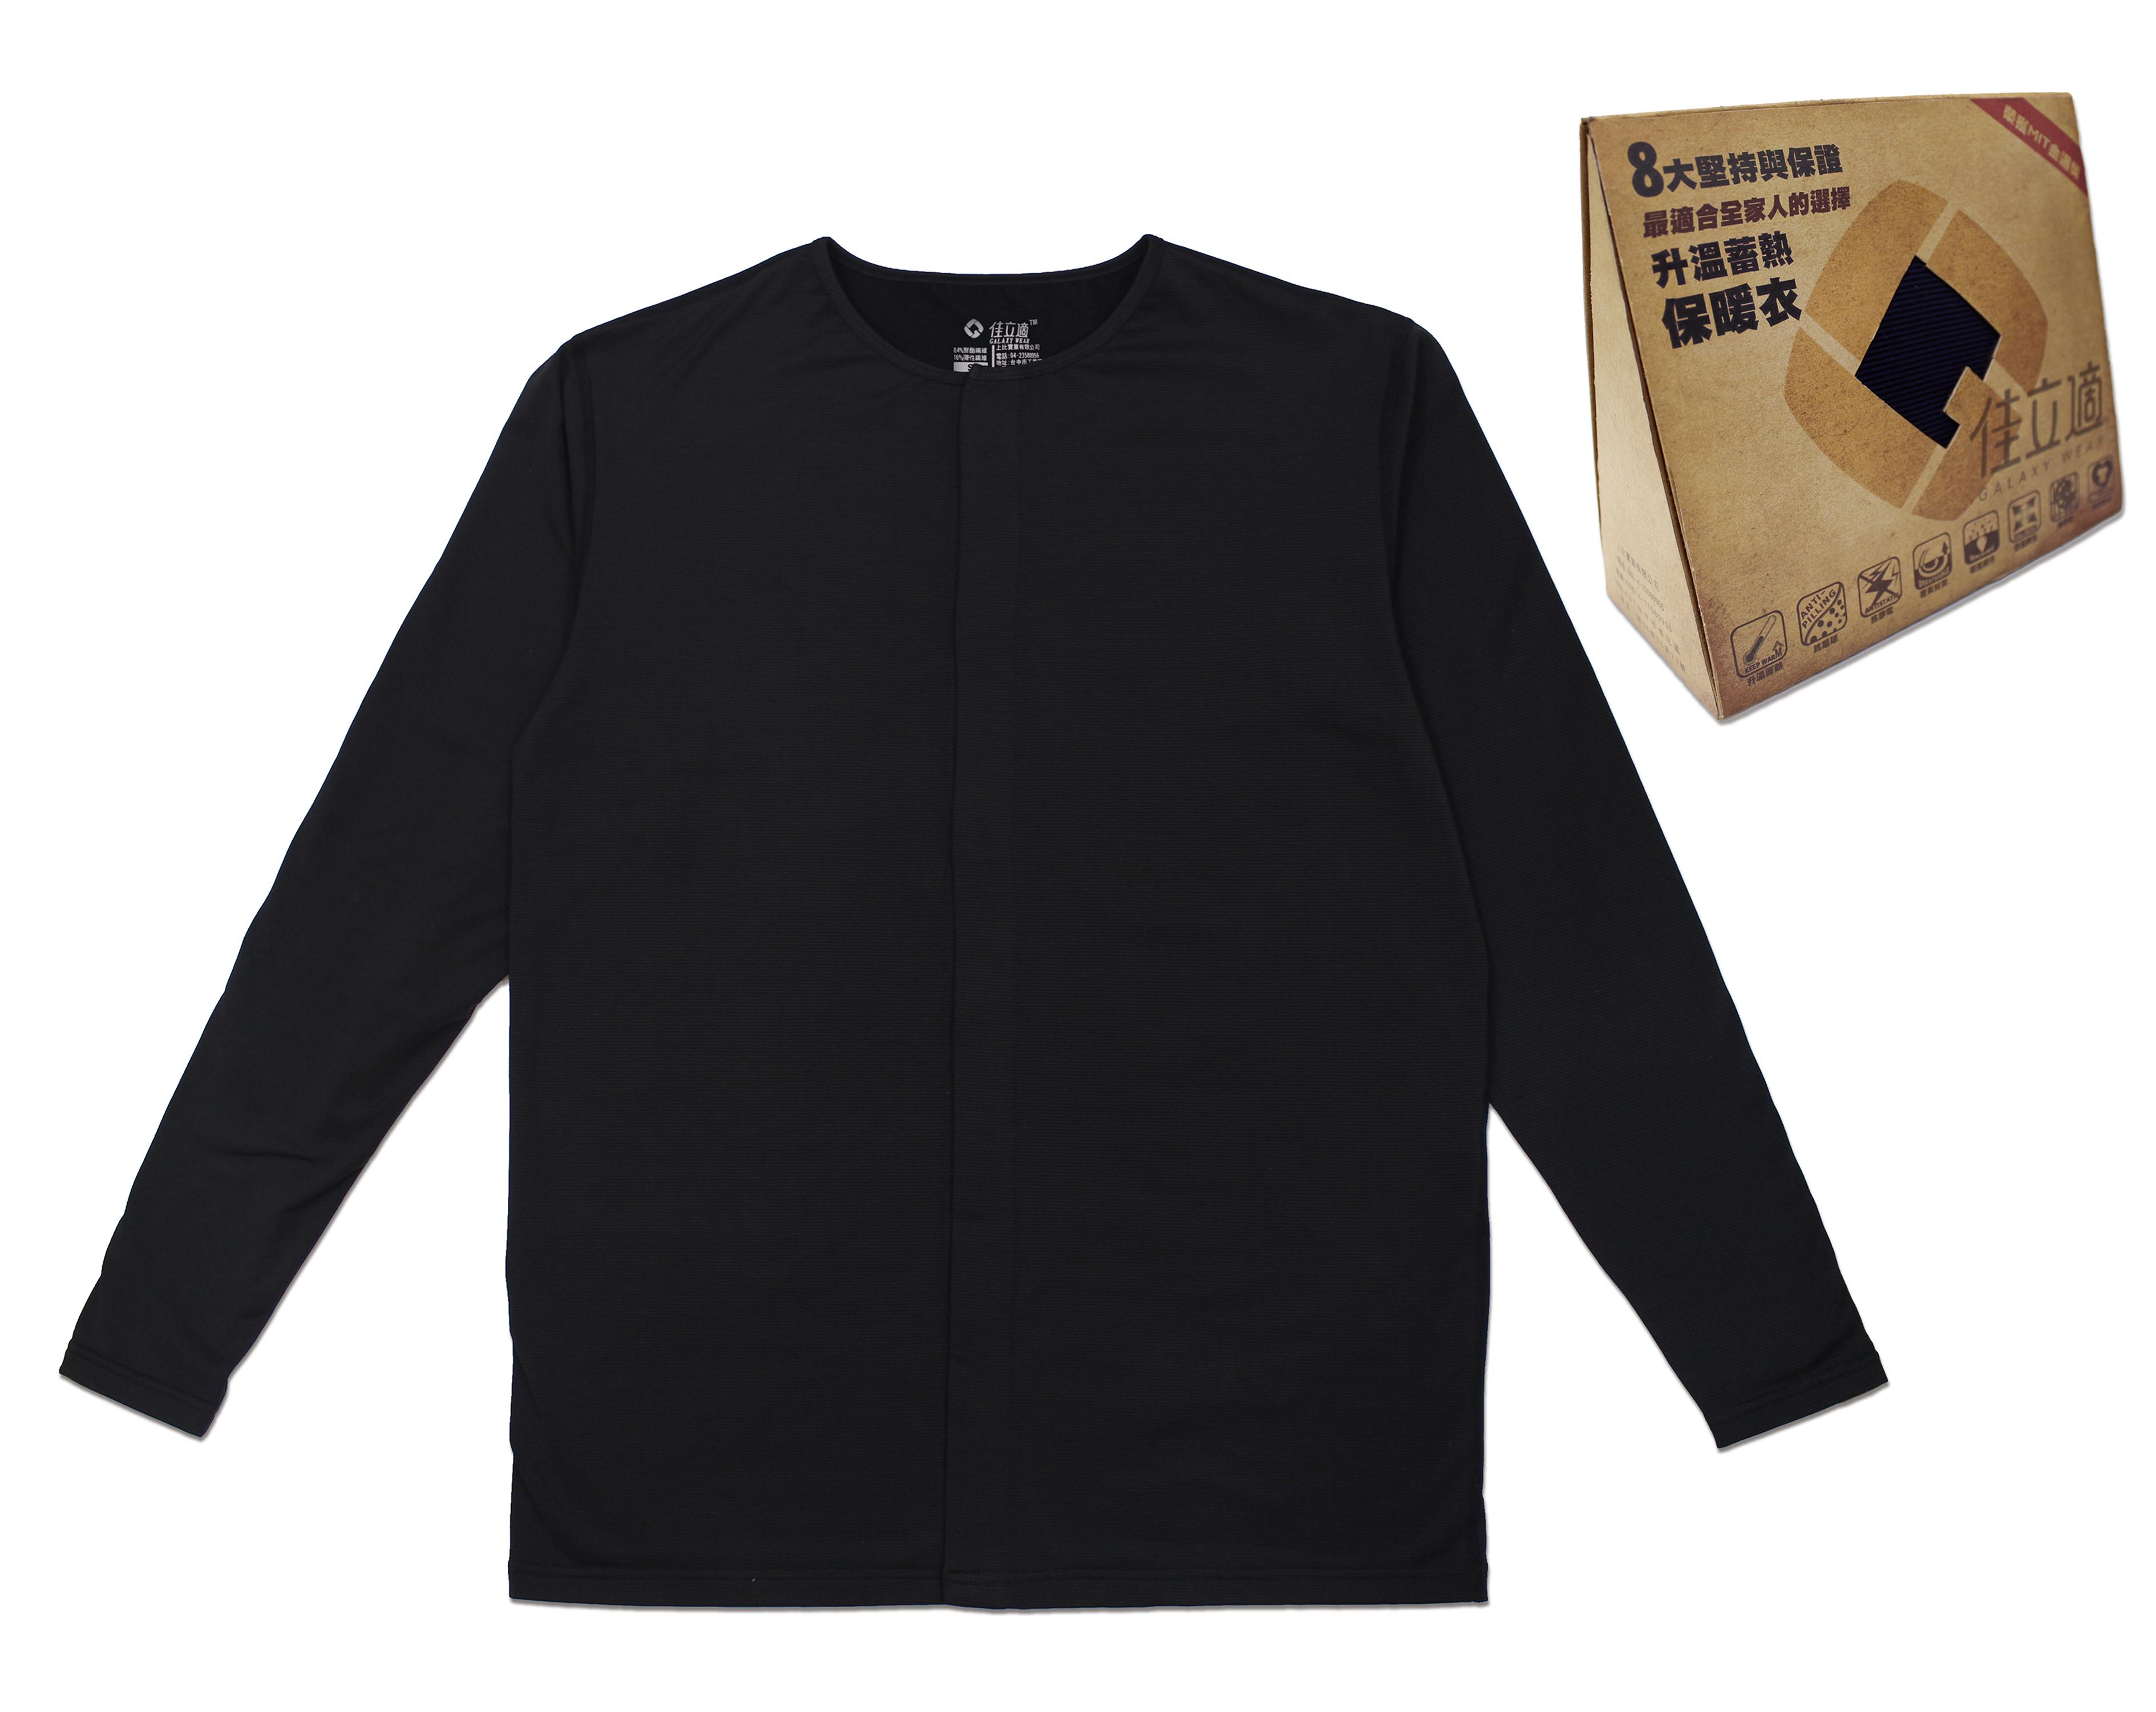 開襟式-升溫蓄熱保暖衣